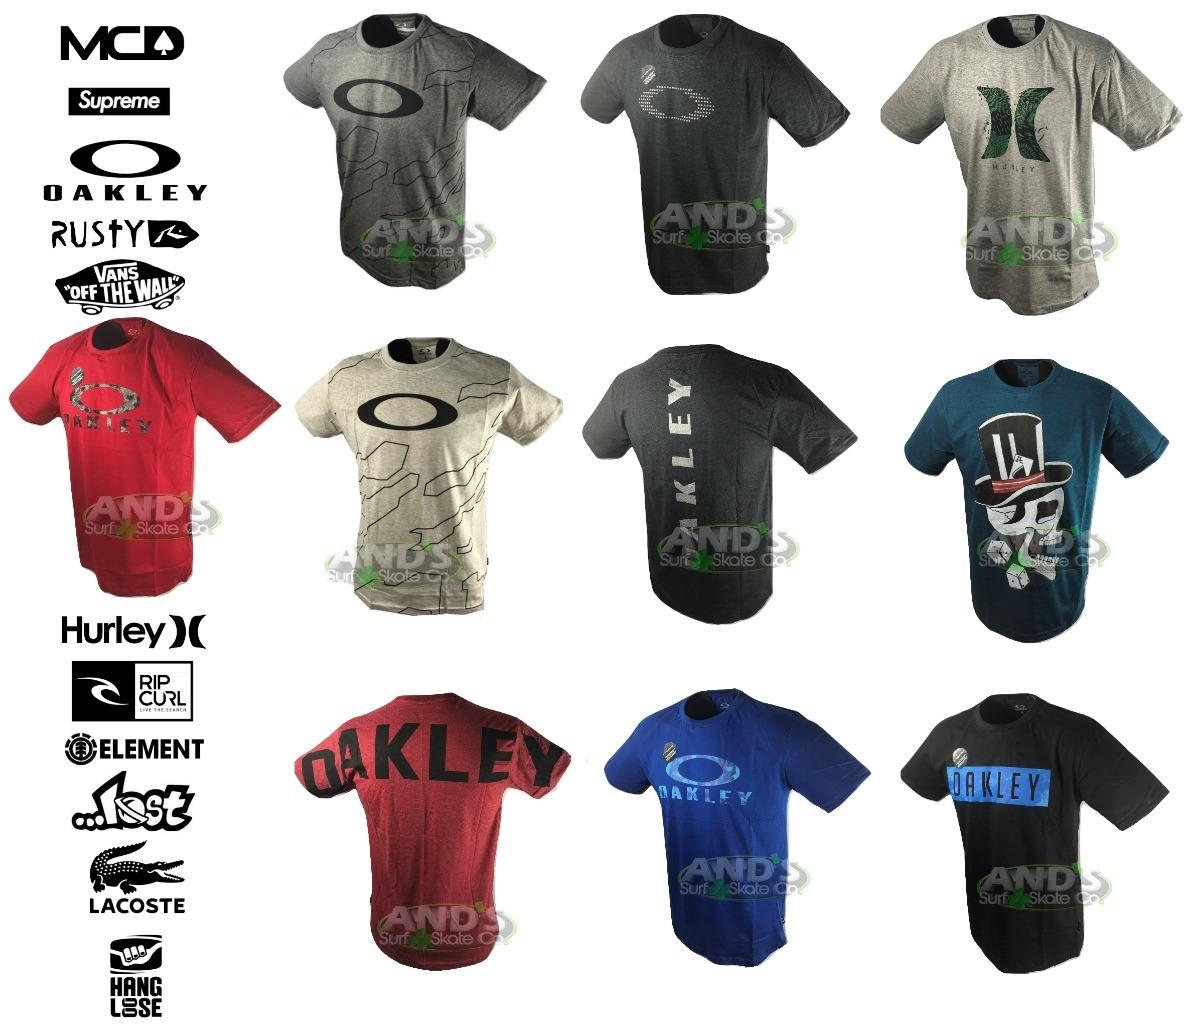 kit 10 camisetas regatas oakley mcd oakley lost lancamento. Carregando zoom. 3f77b56d65c